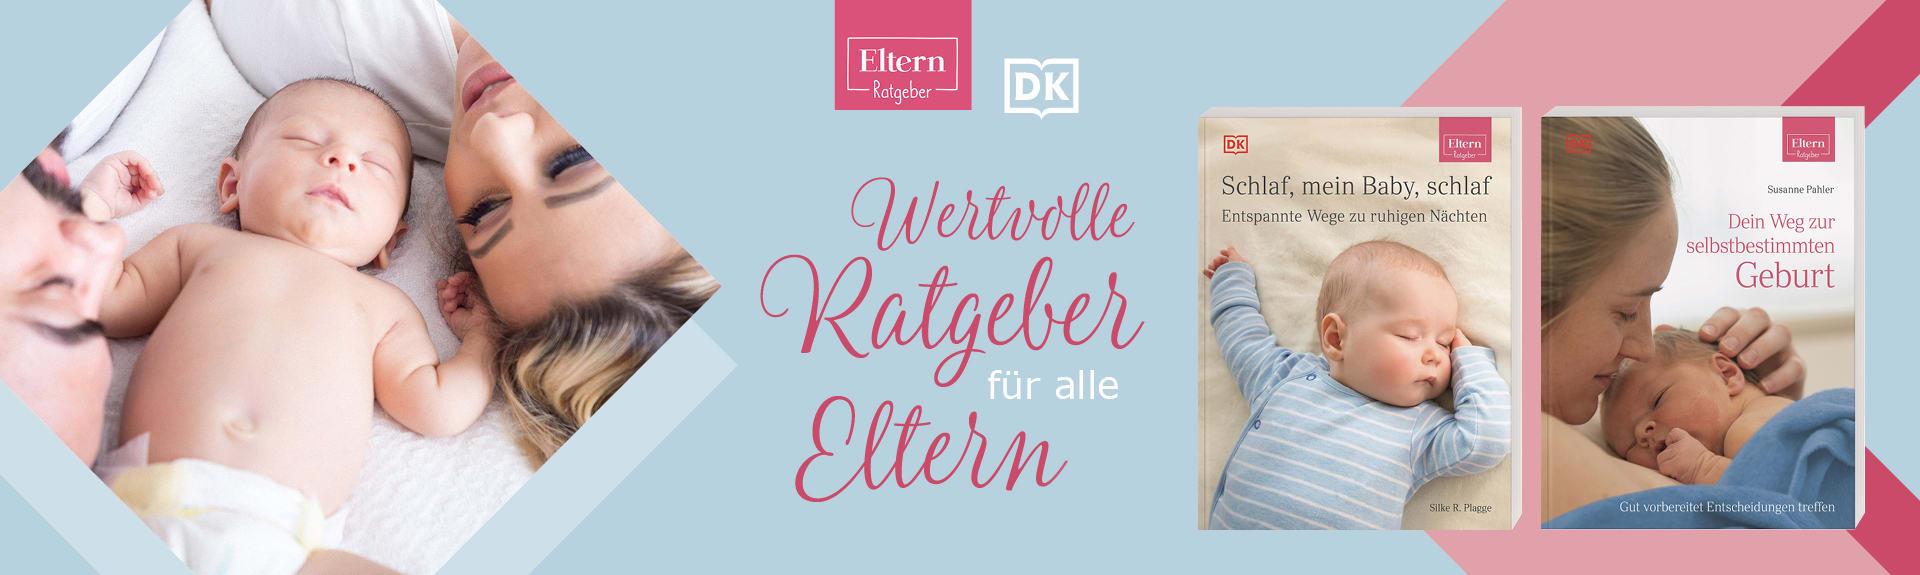 ELTERN-Ratgeber